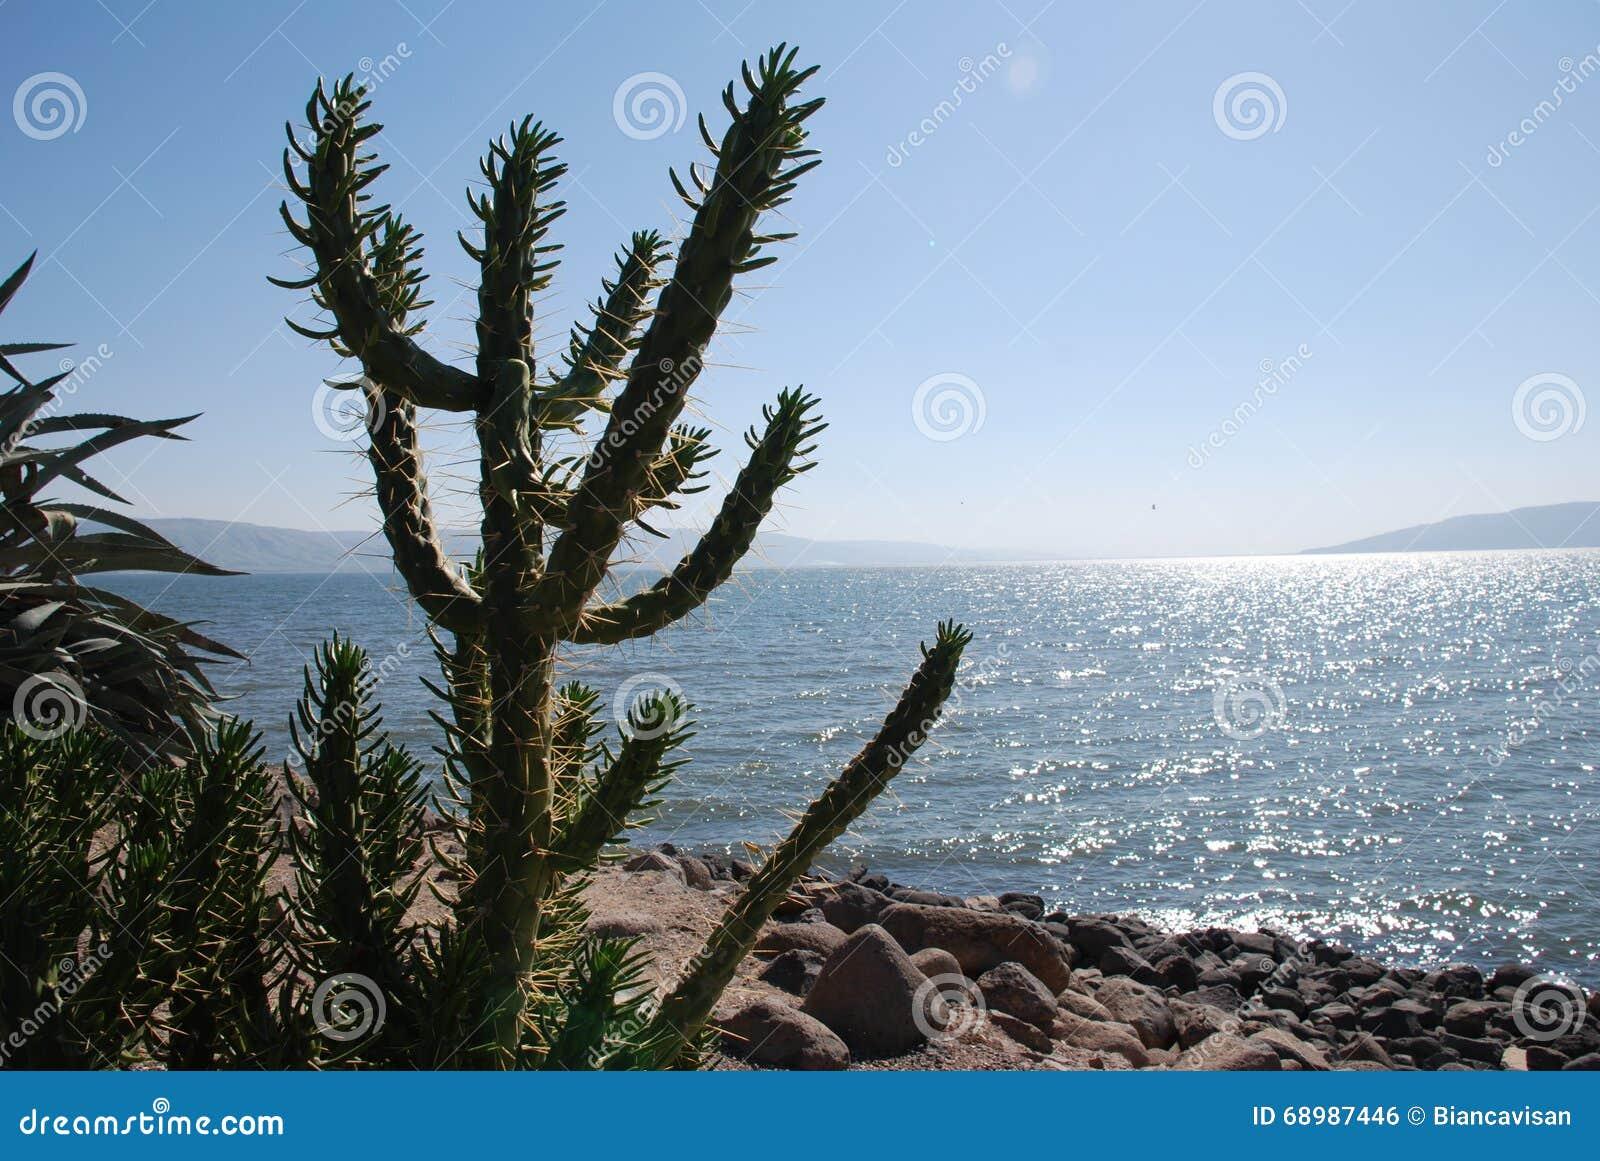 Árbol del cactus en una orilla de la playa